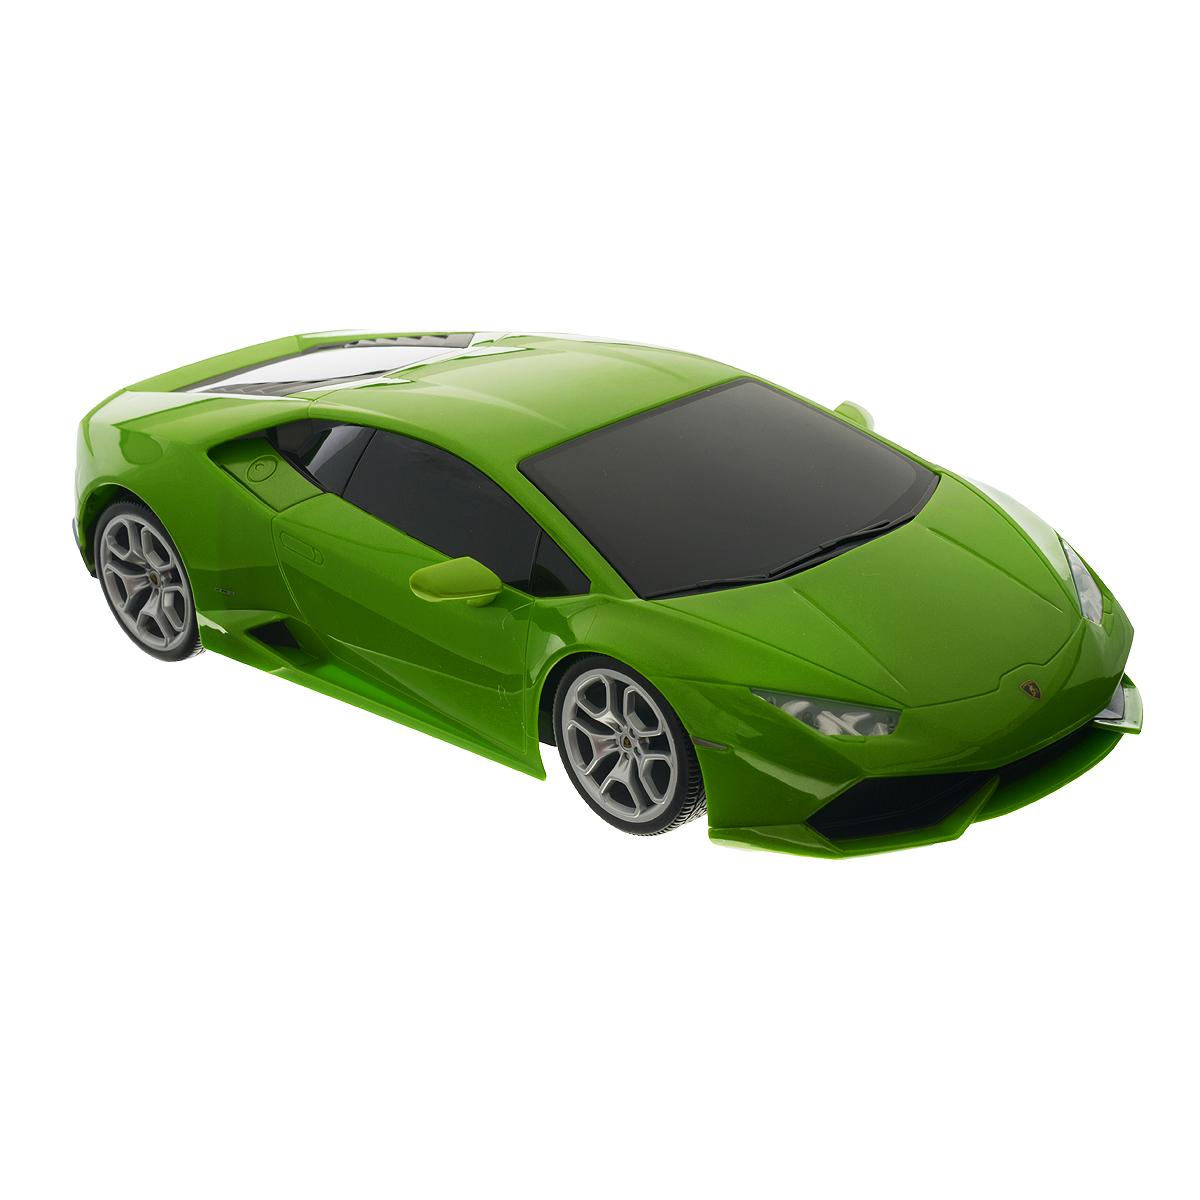 Maisto Радиоуправляемая модель Lamborghini Huracan LP 610-4 цвет салатовый 81246